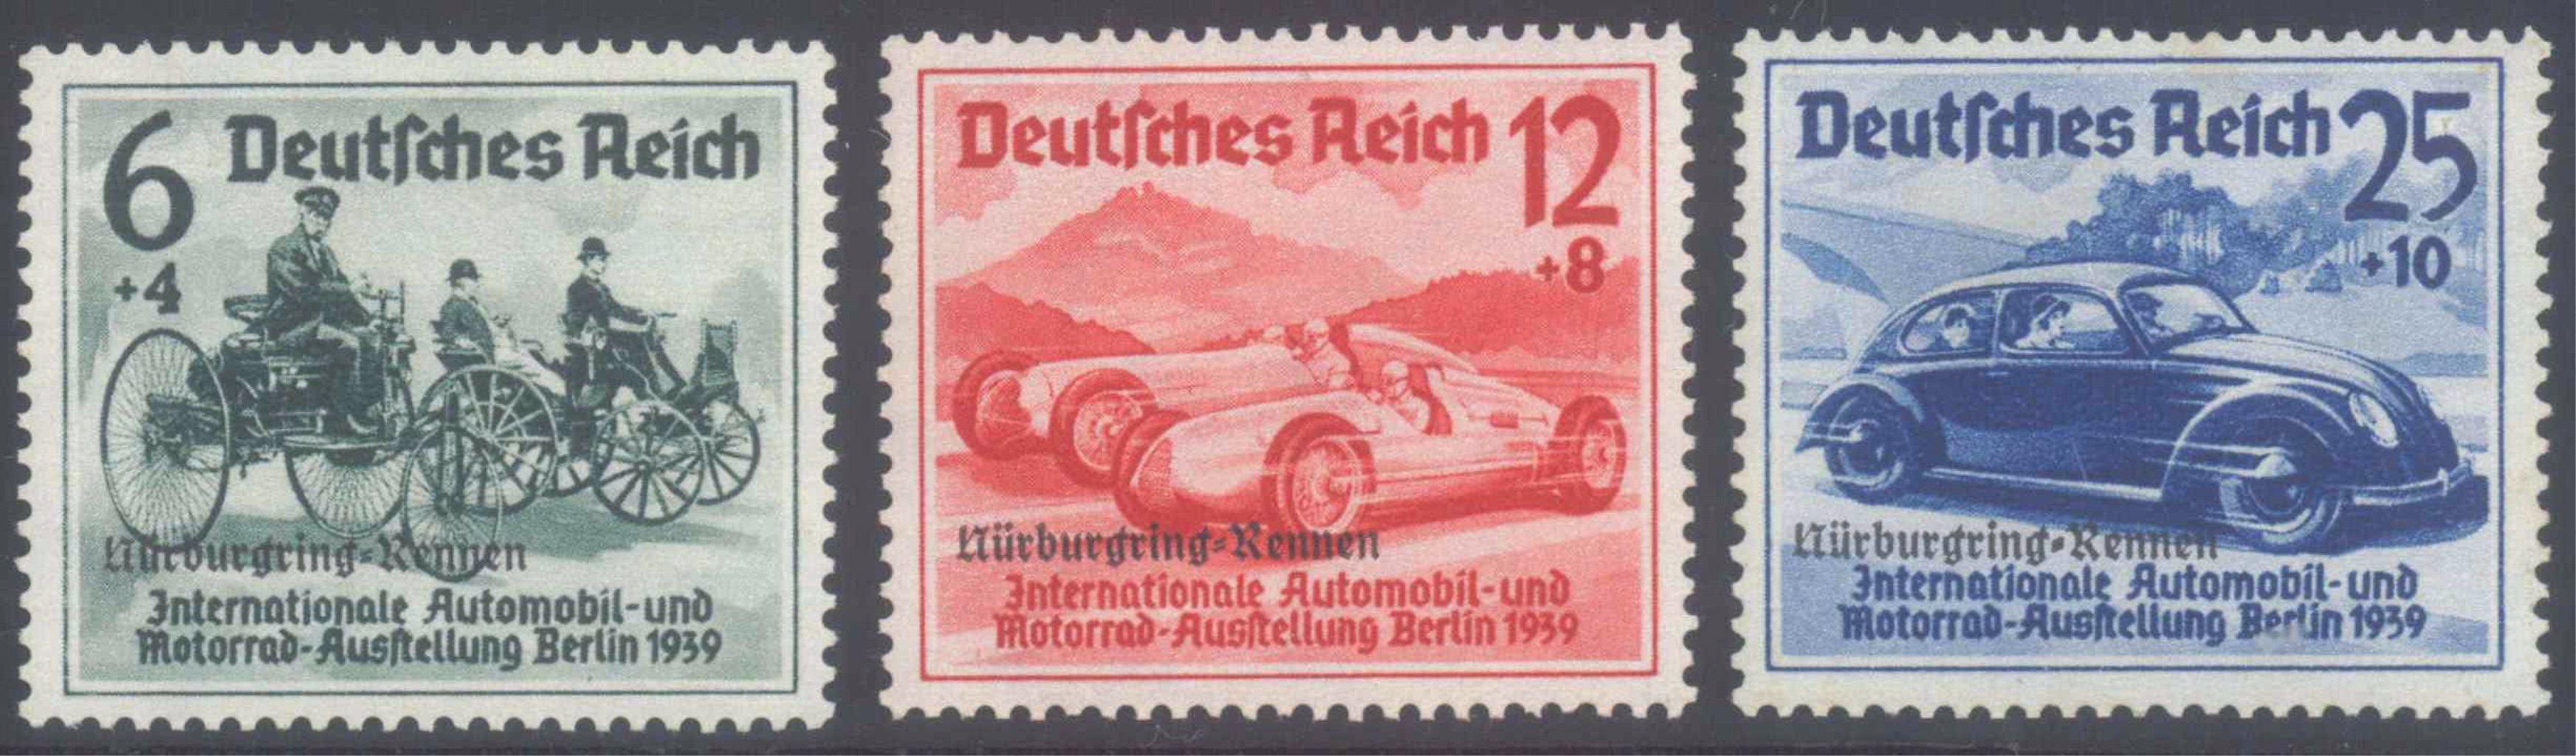 III. Reich 1939, Nürburgring – Rennen